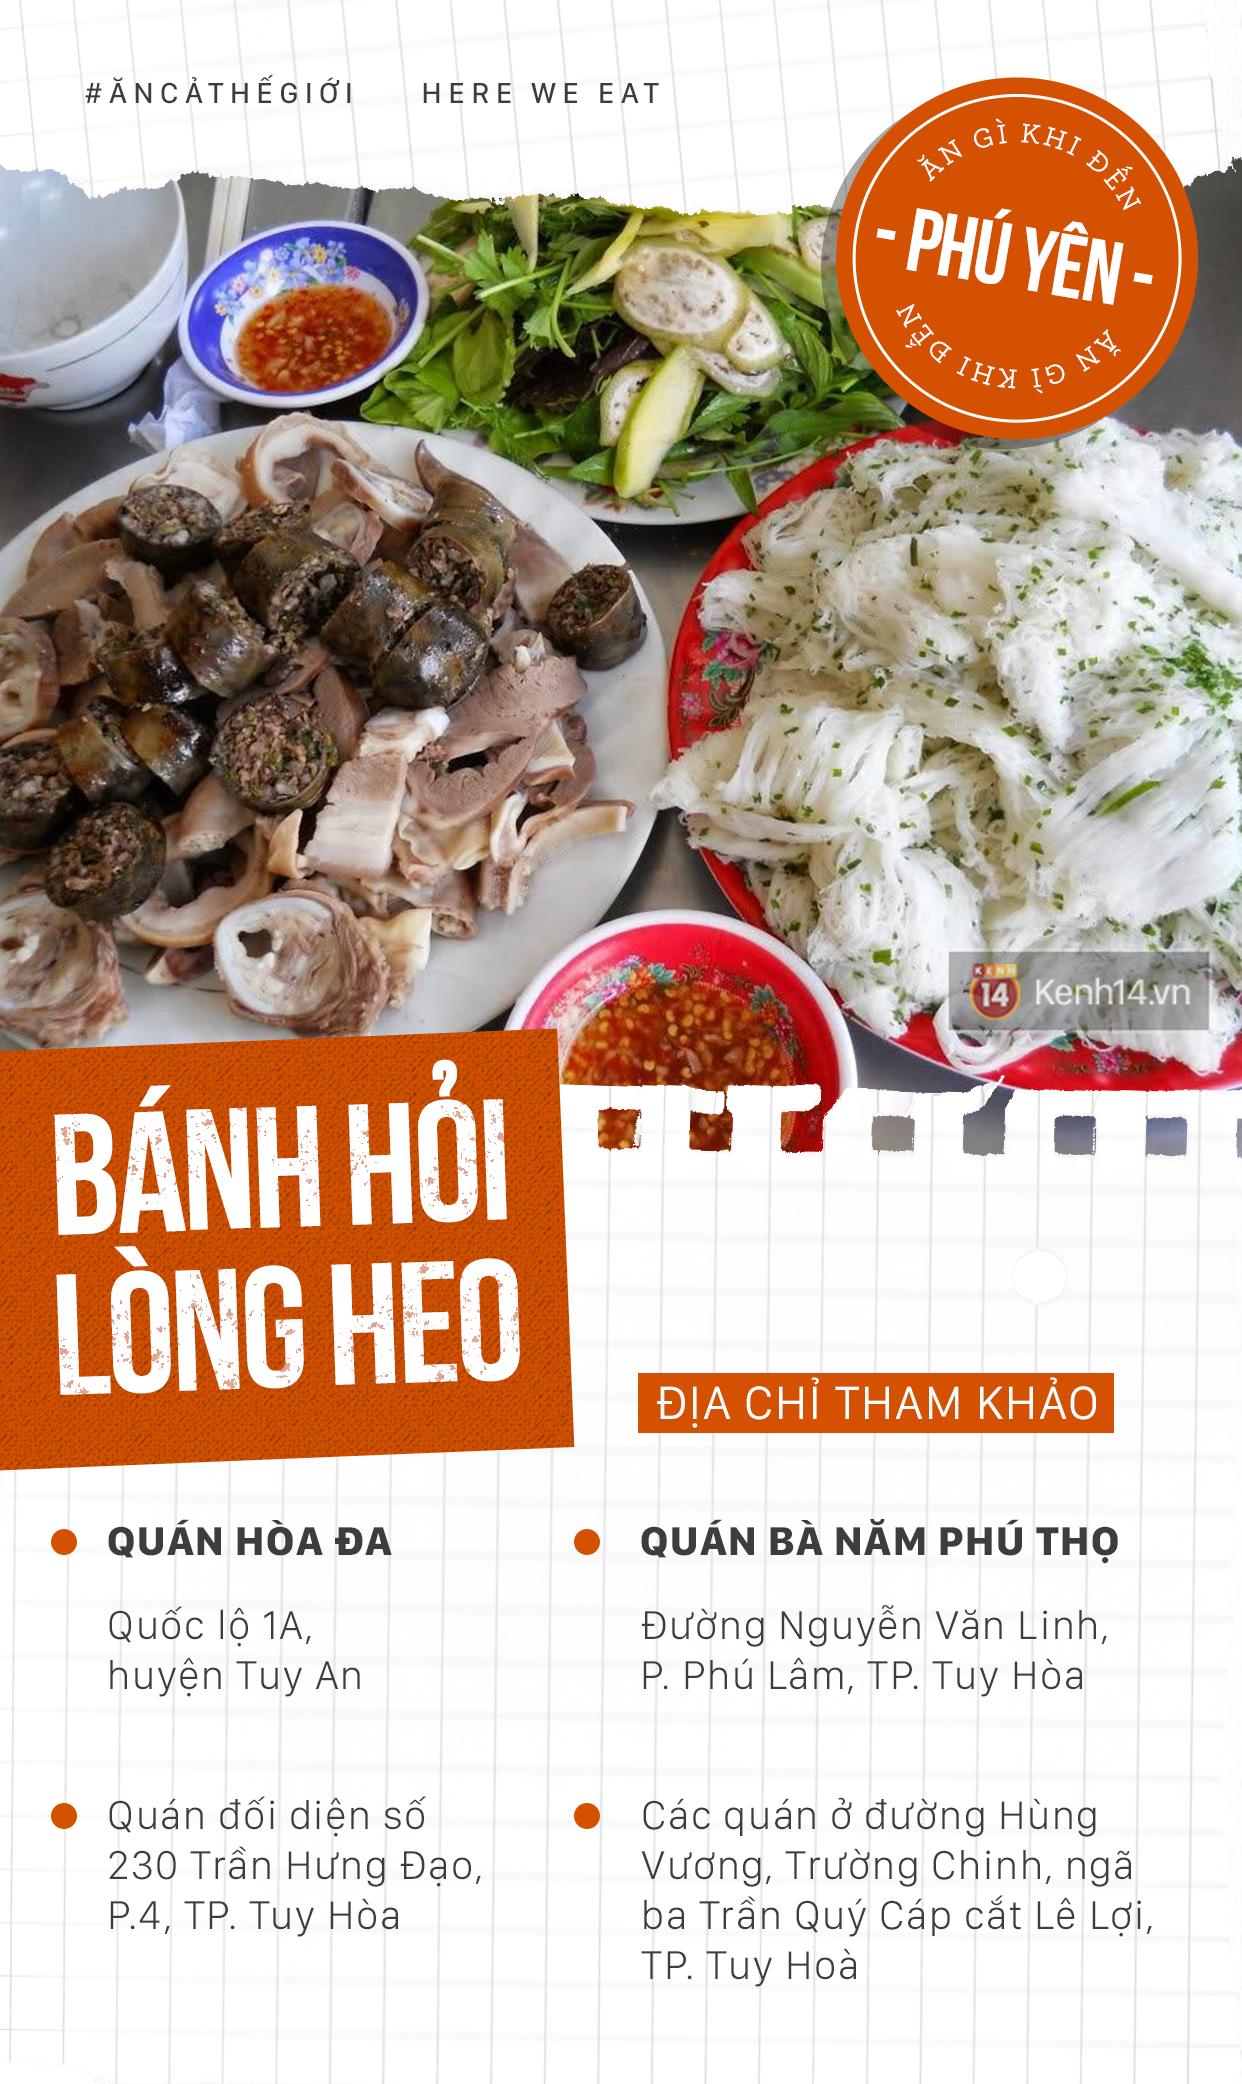 Đến mảnh đất hoa vàng cỏ xanh Phú Yên thì nhớ ăn hết những món cực ngon này - Ảnh 1.